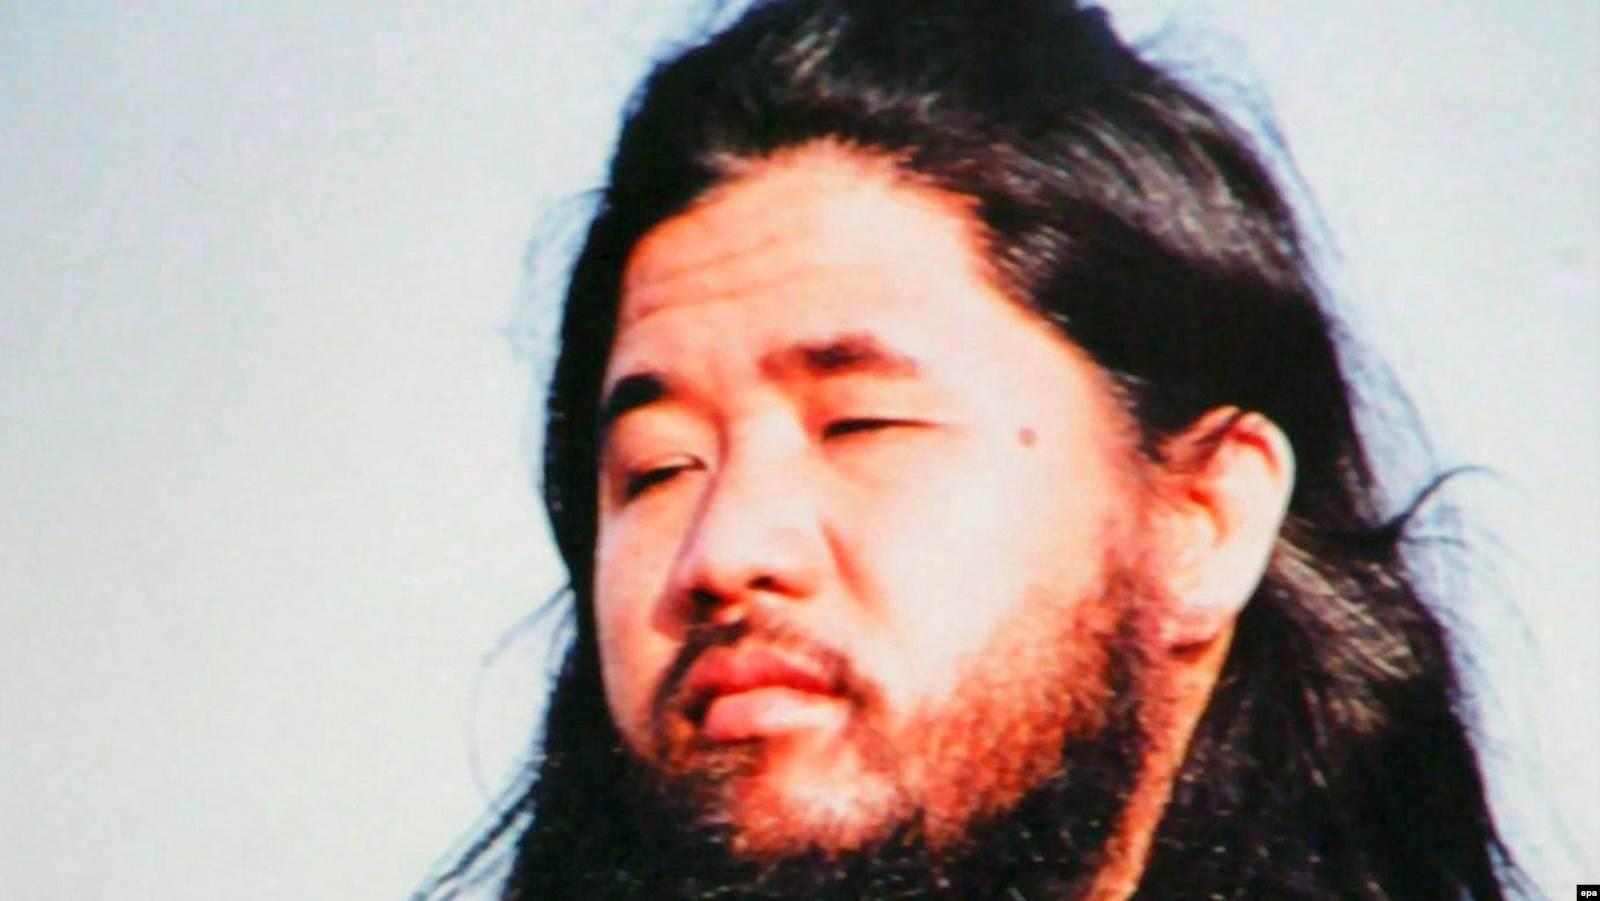 """Основатель """"Аум Сенрикё"""" Сёко Асахара, о казни которого власти Японии сообщили в июле 2018 года. Фото: EPA"""